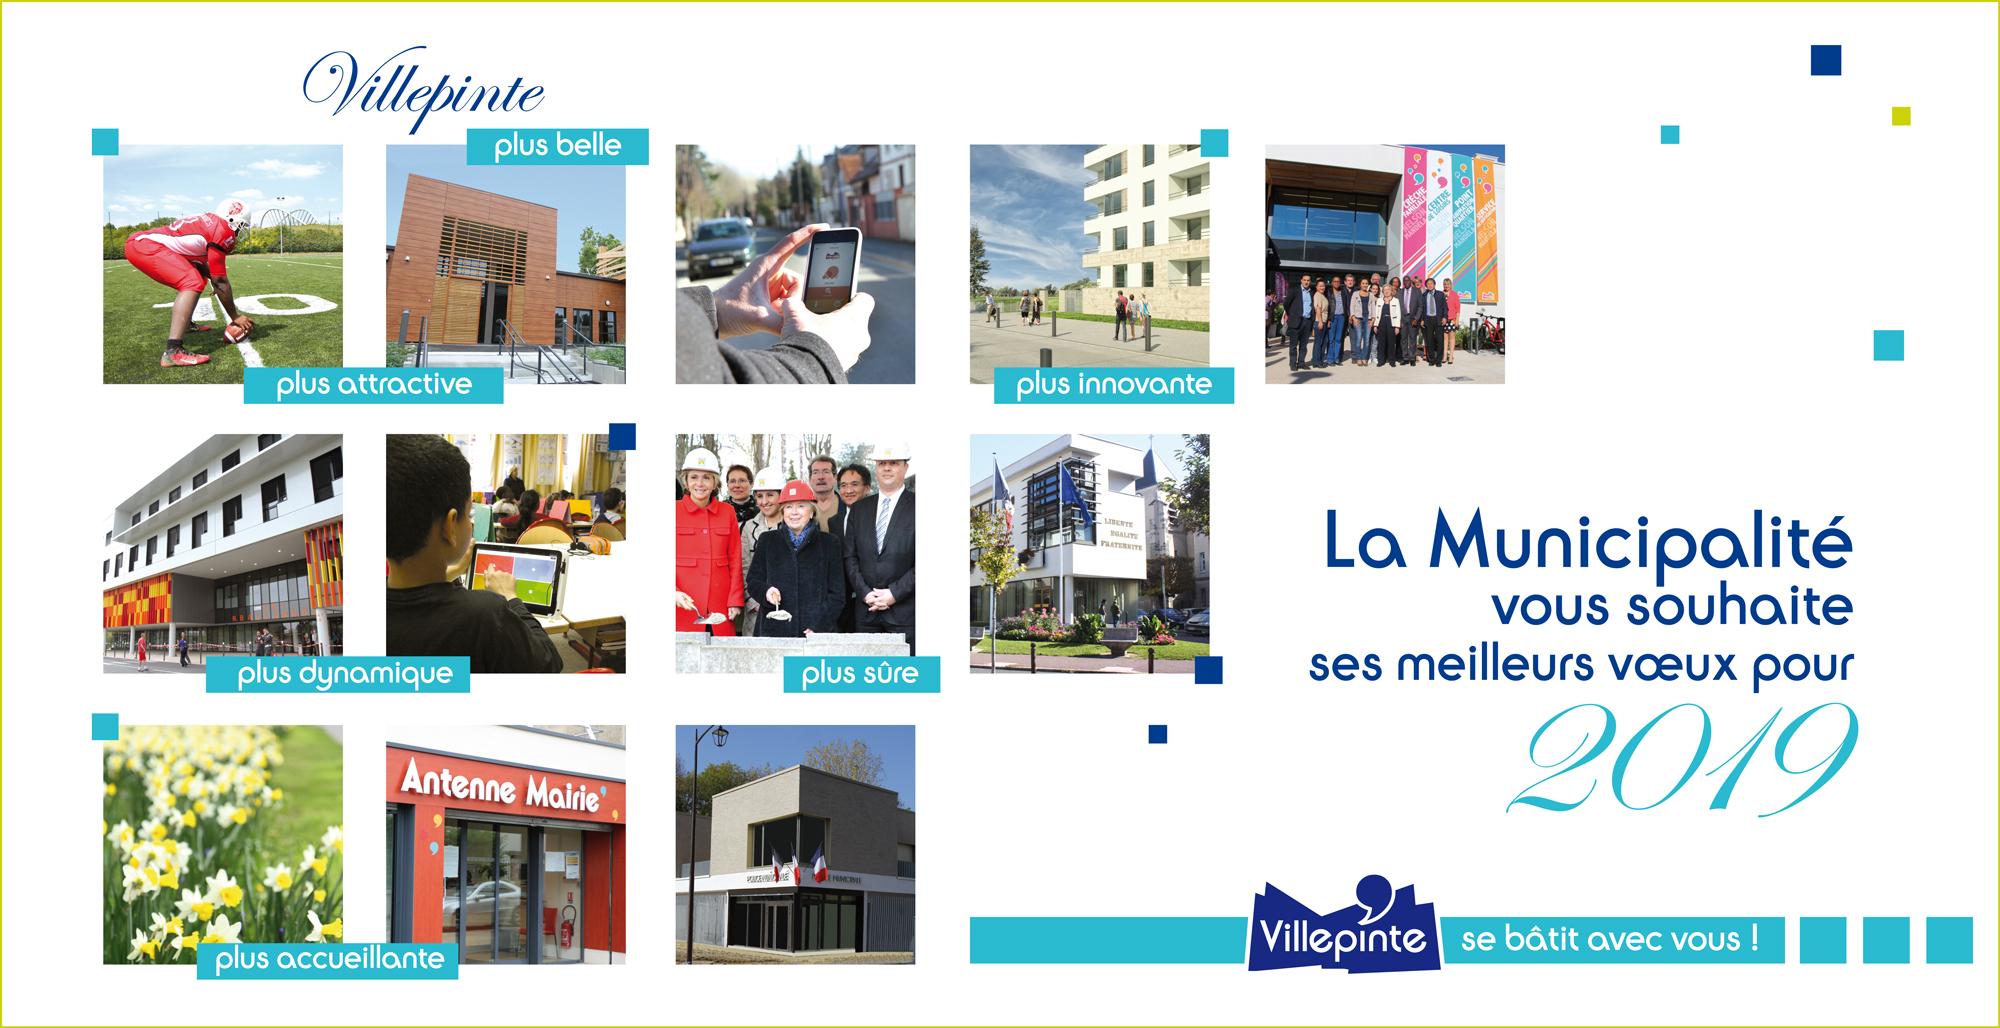 Martine Valleton, Maire de Villepinte (93) et son équipe municipale vous souhaite une très bonne année 2019 !